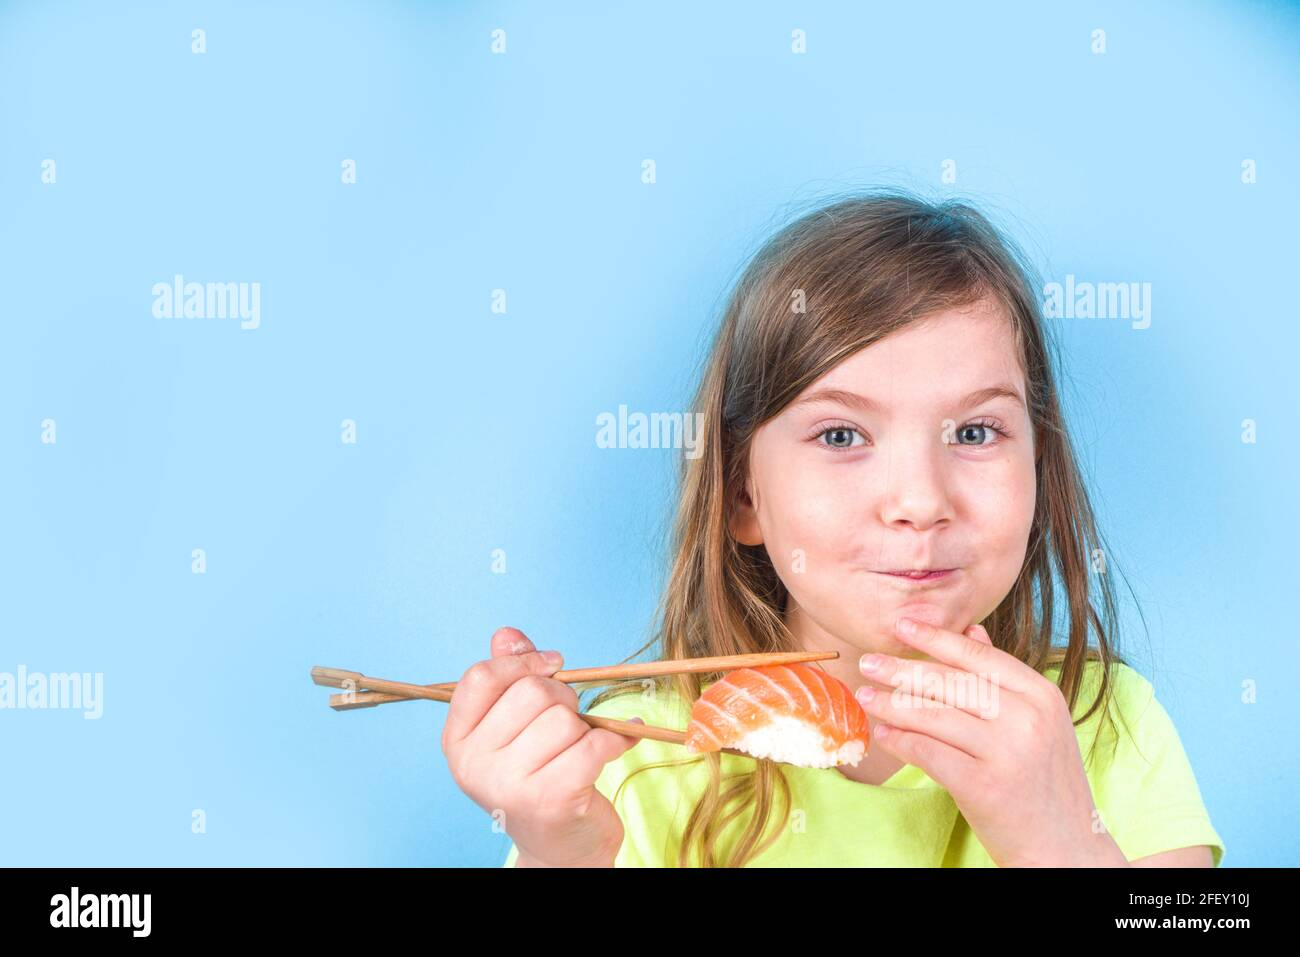 A la chica linda le gusta comer sushi. Alegre niña de preescolar rubia caucásica divertida con varios rollos de sushi y palillos. Sobre fondo azul brillante Foto de stock